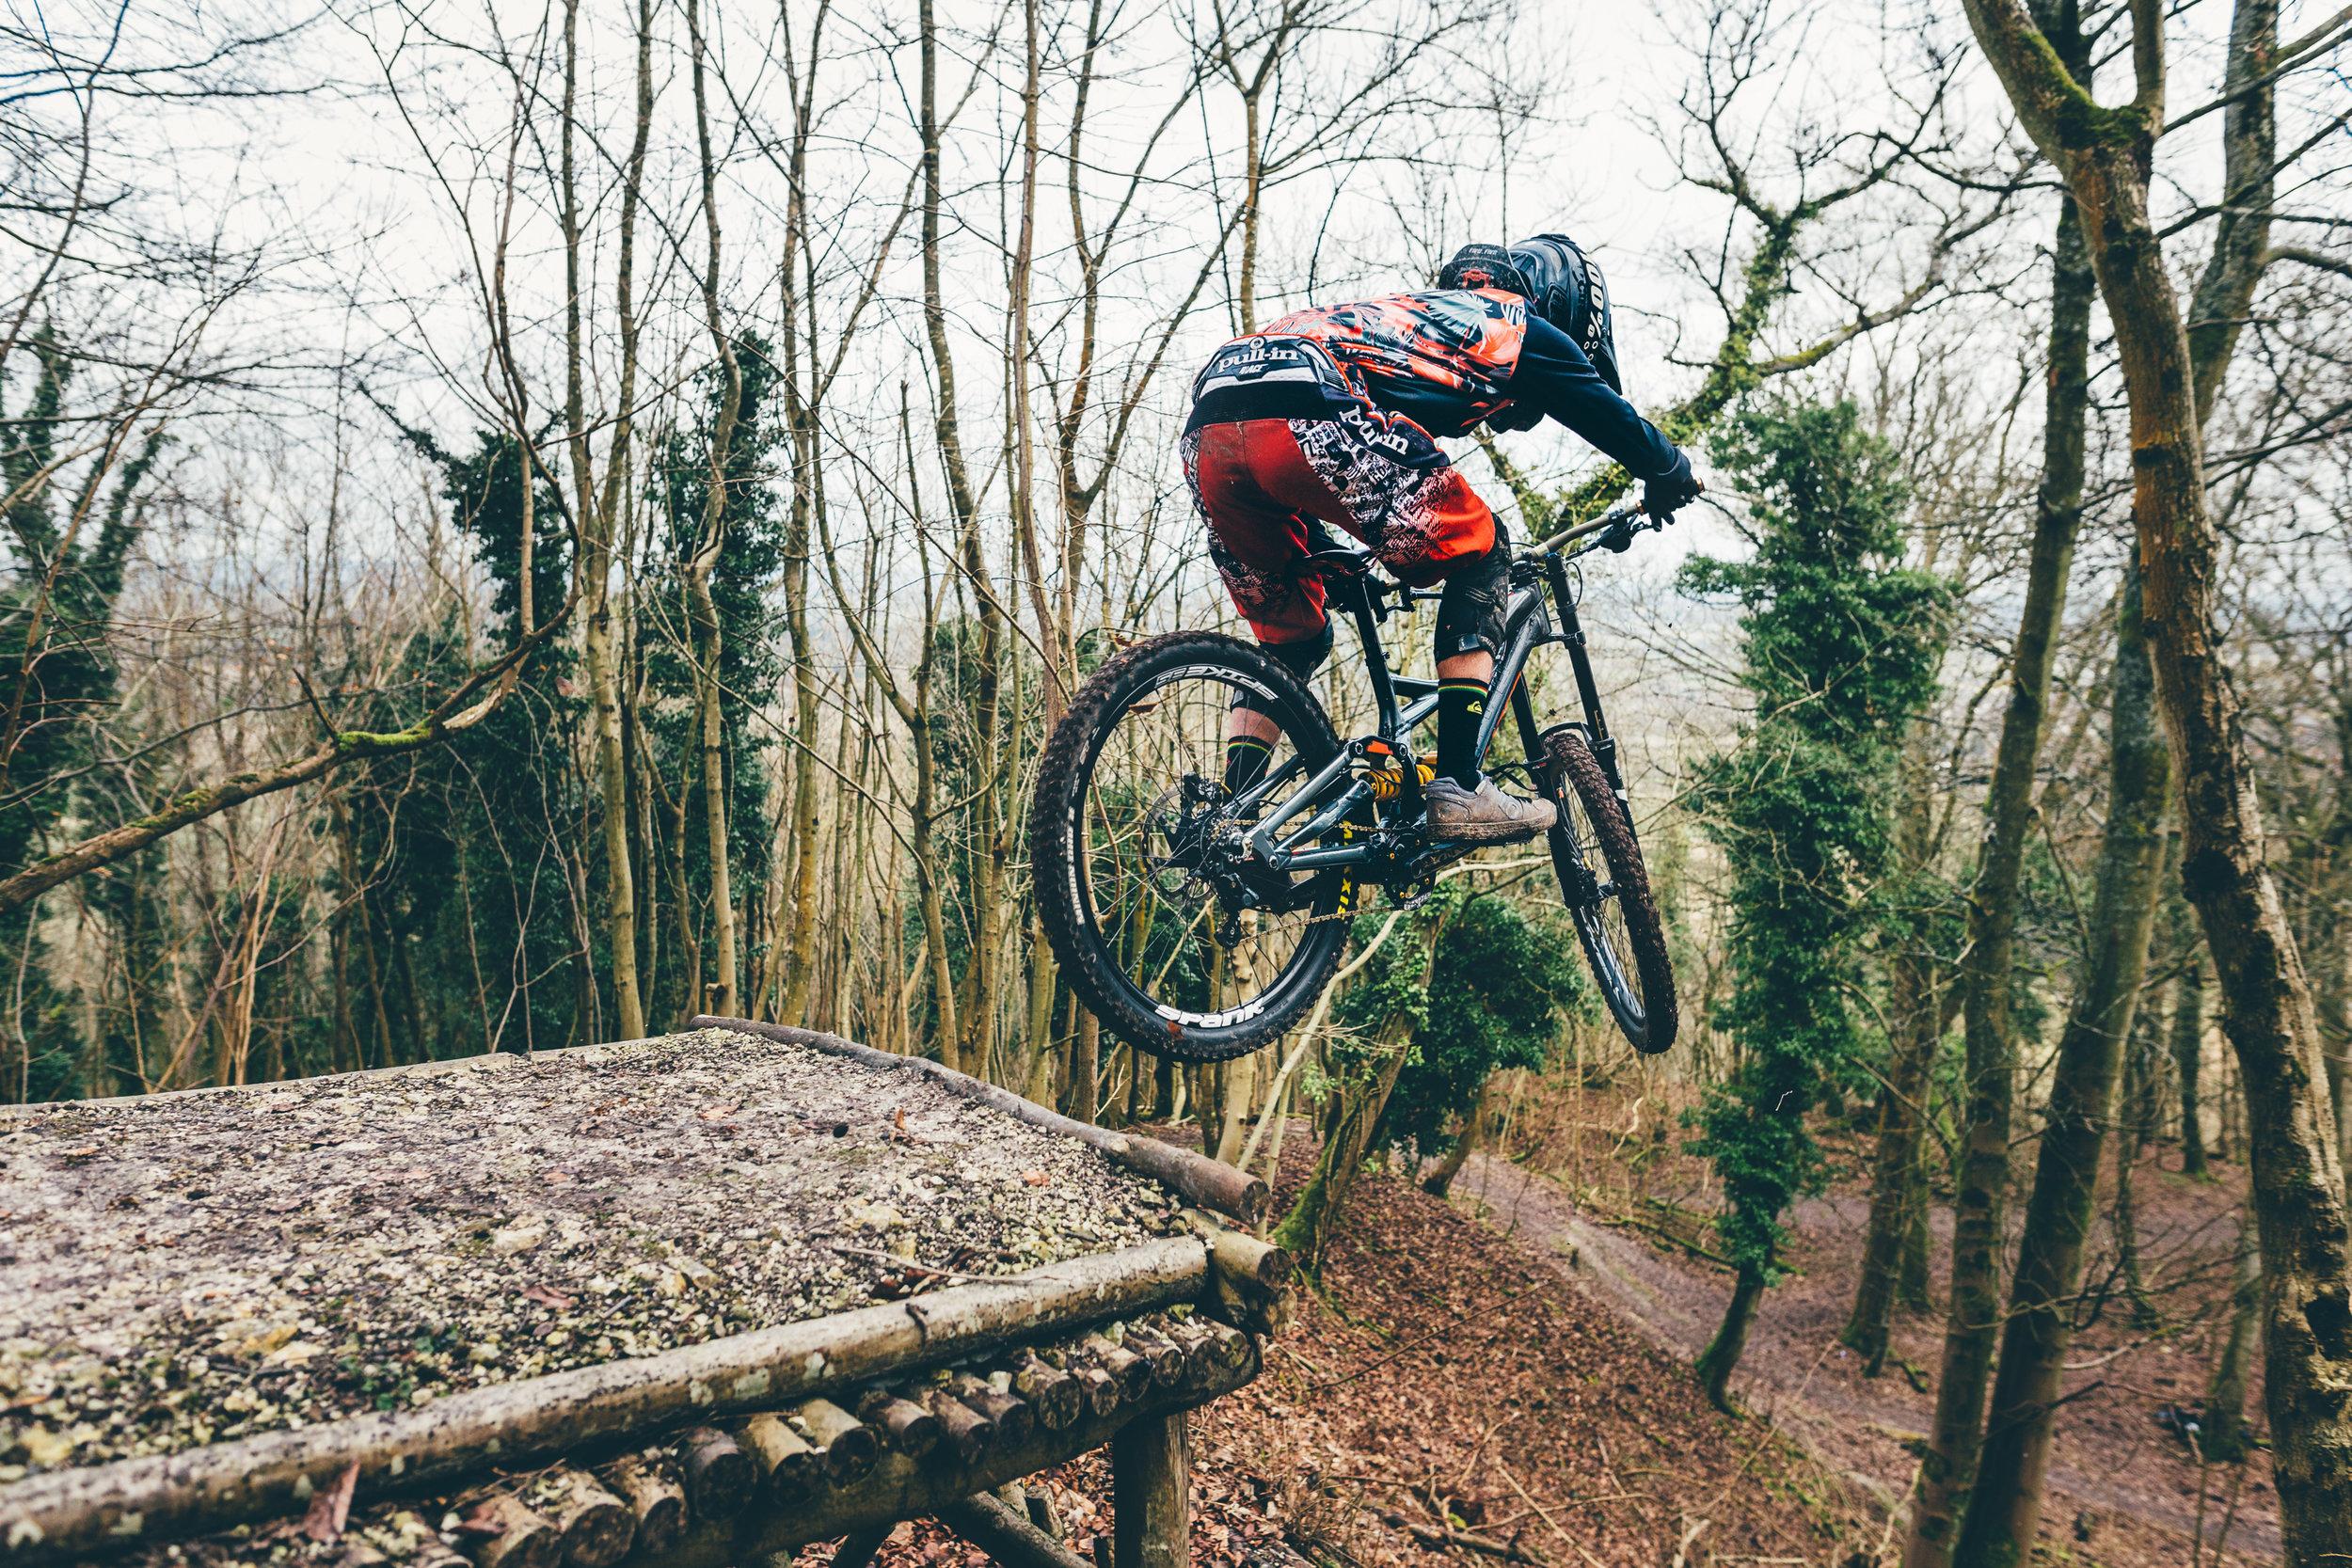 BenReadPhotography_MountainBike_UK_1-5.jpg